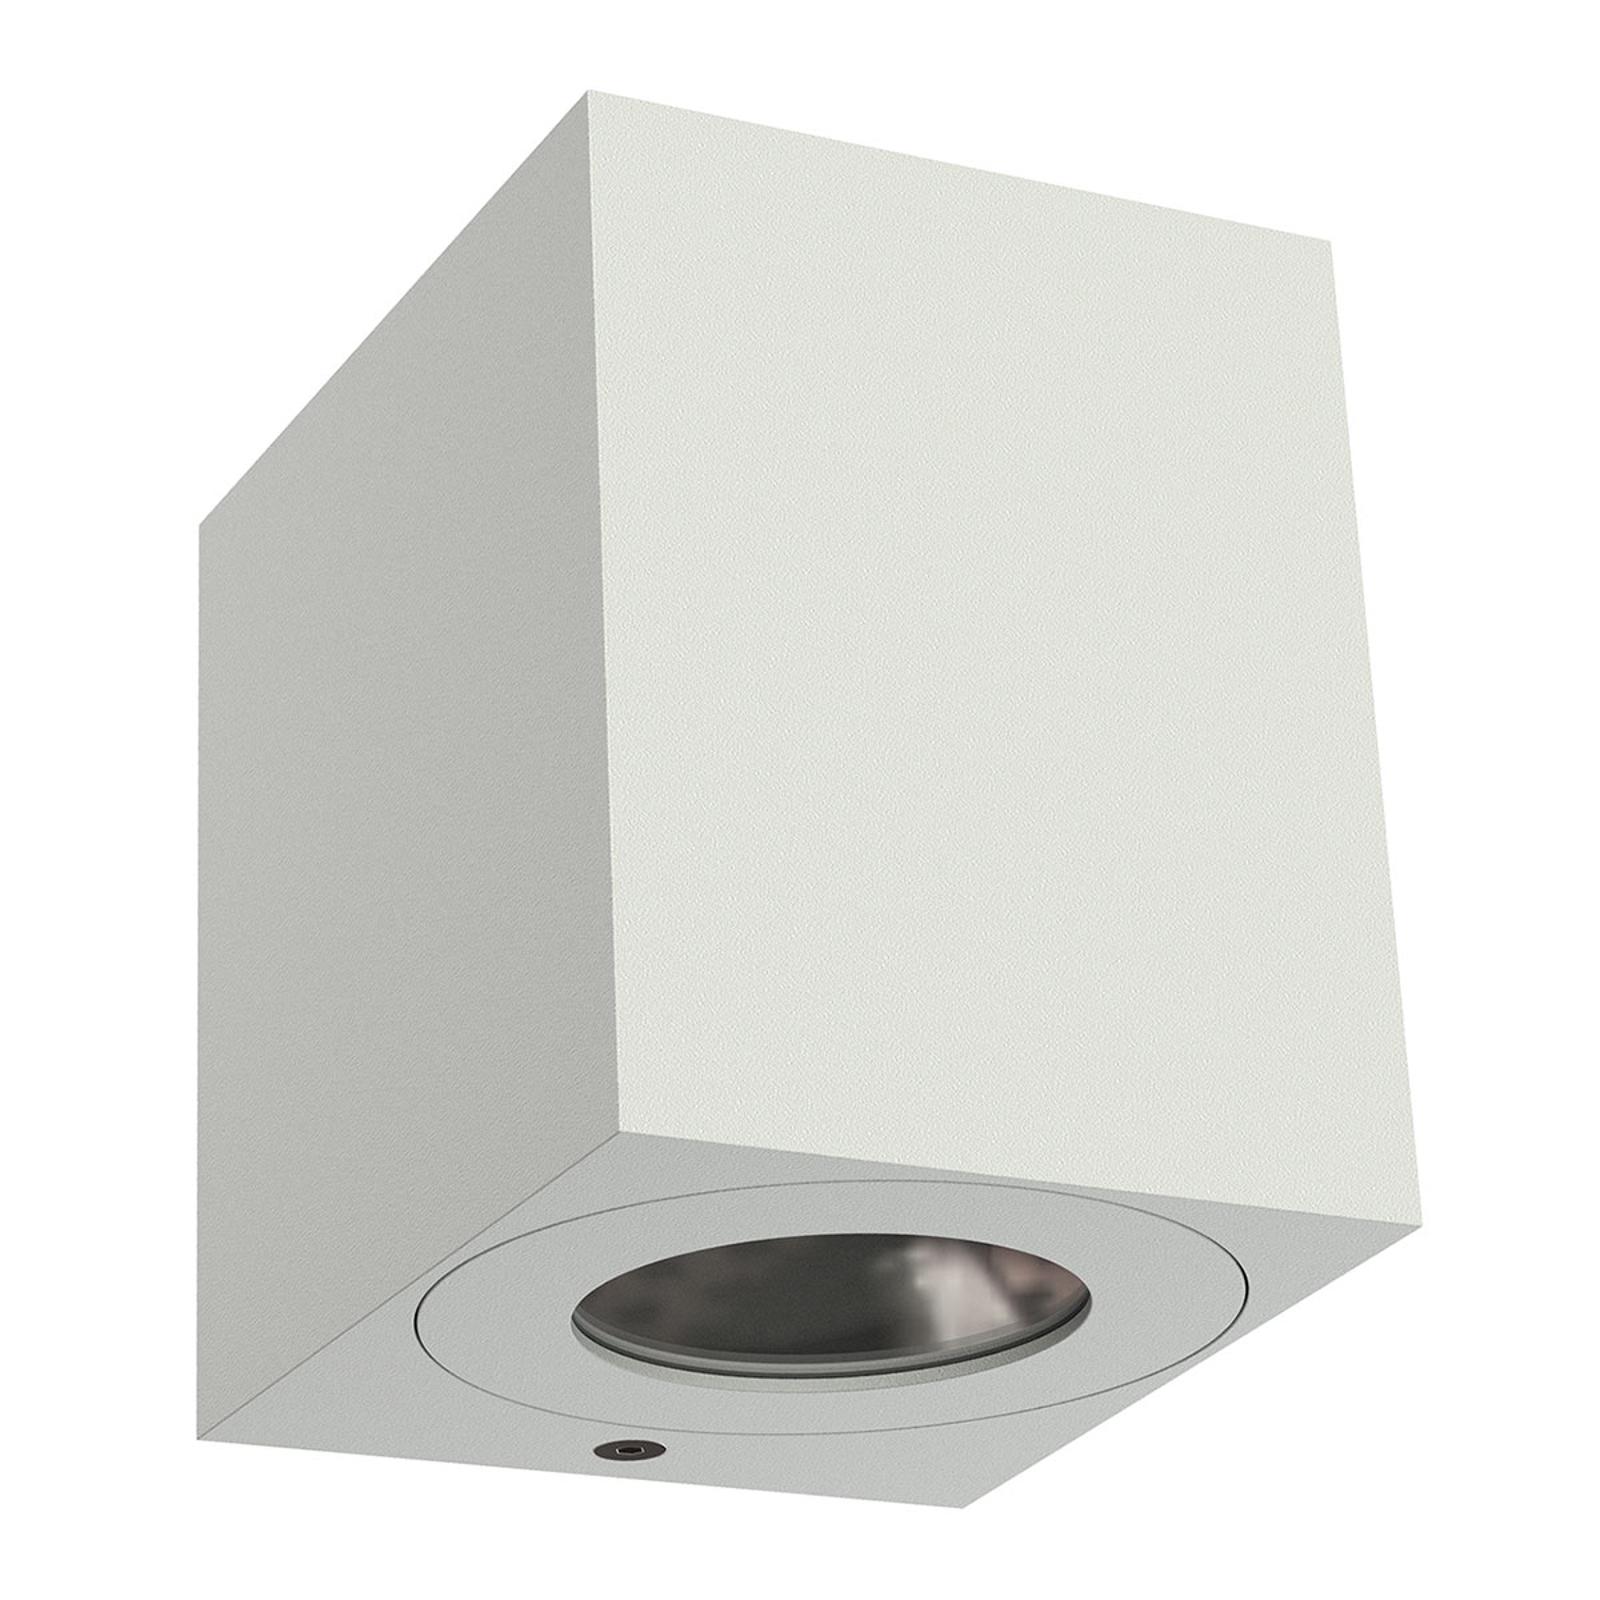 Acquista Applique LED da esterni Canto Kubi 2, 10 cm